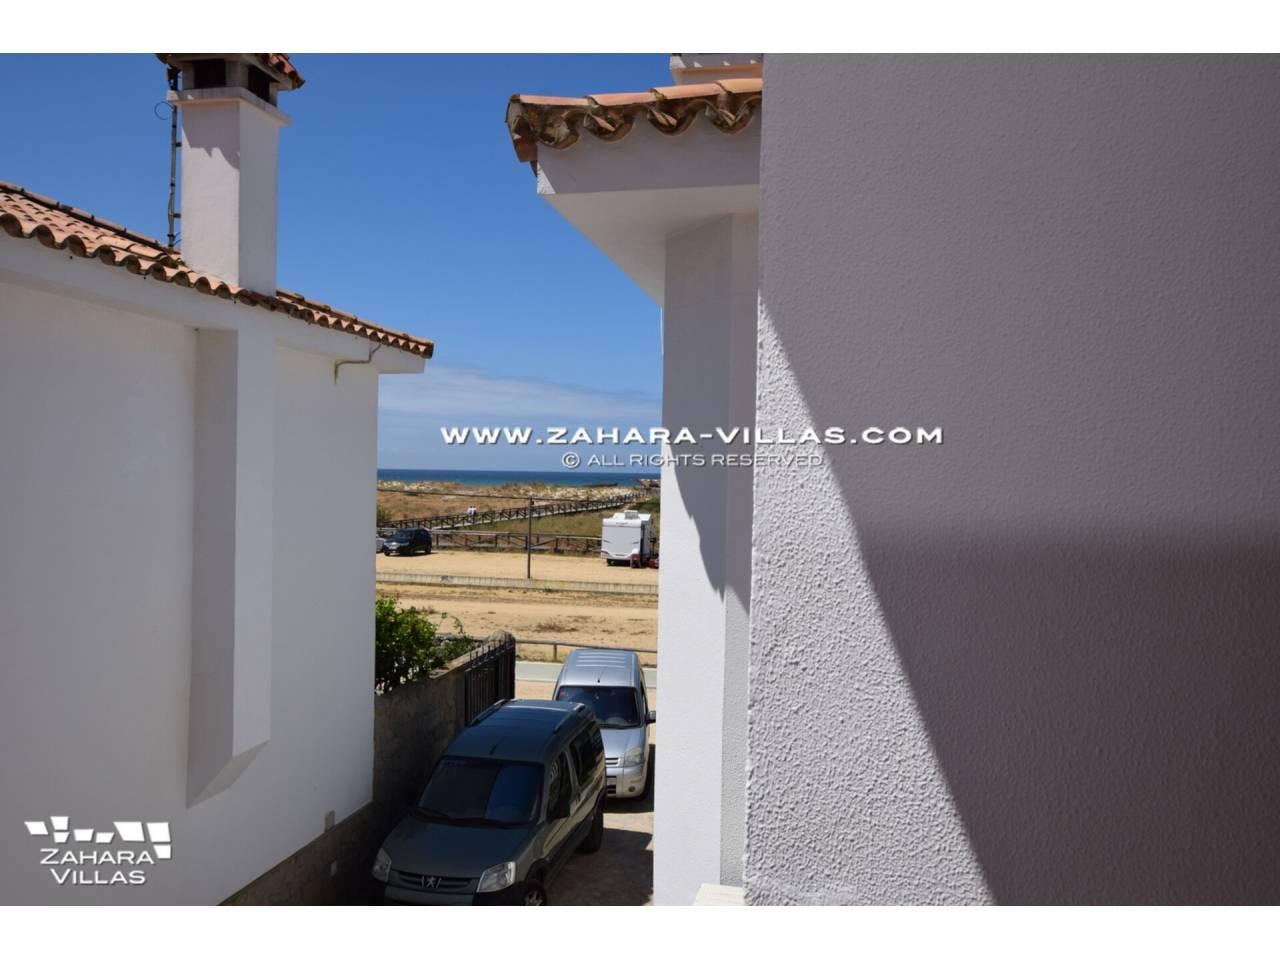 Imagen 32 de Casa en venta en segunda línea de playa, con vistas al mar en Zahara de los Atunes